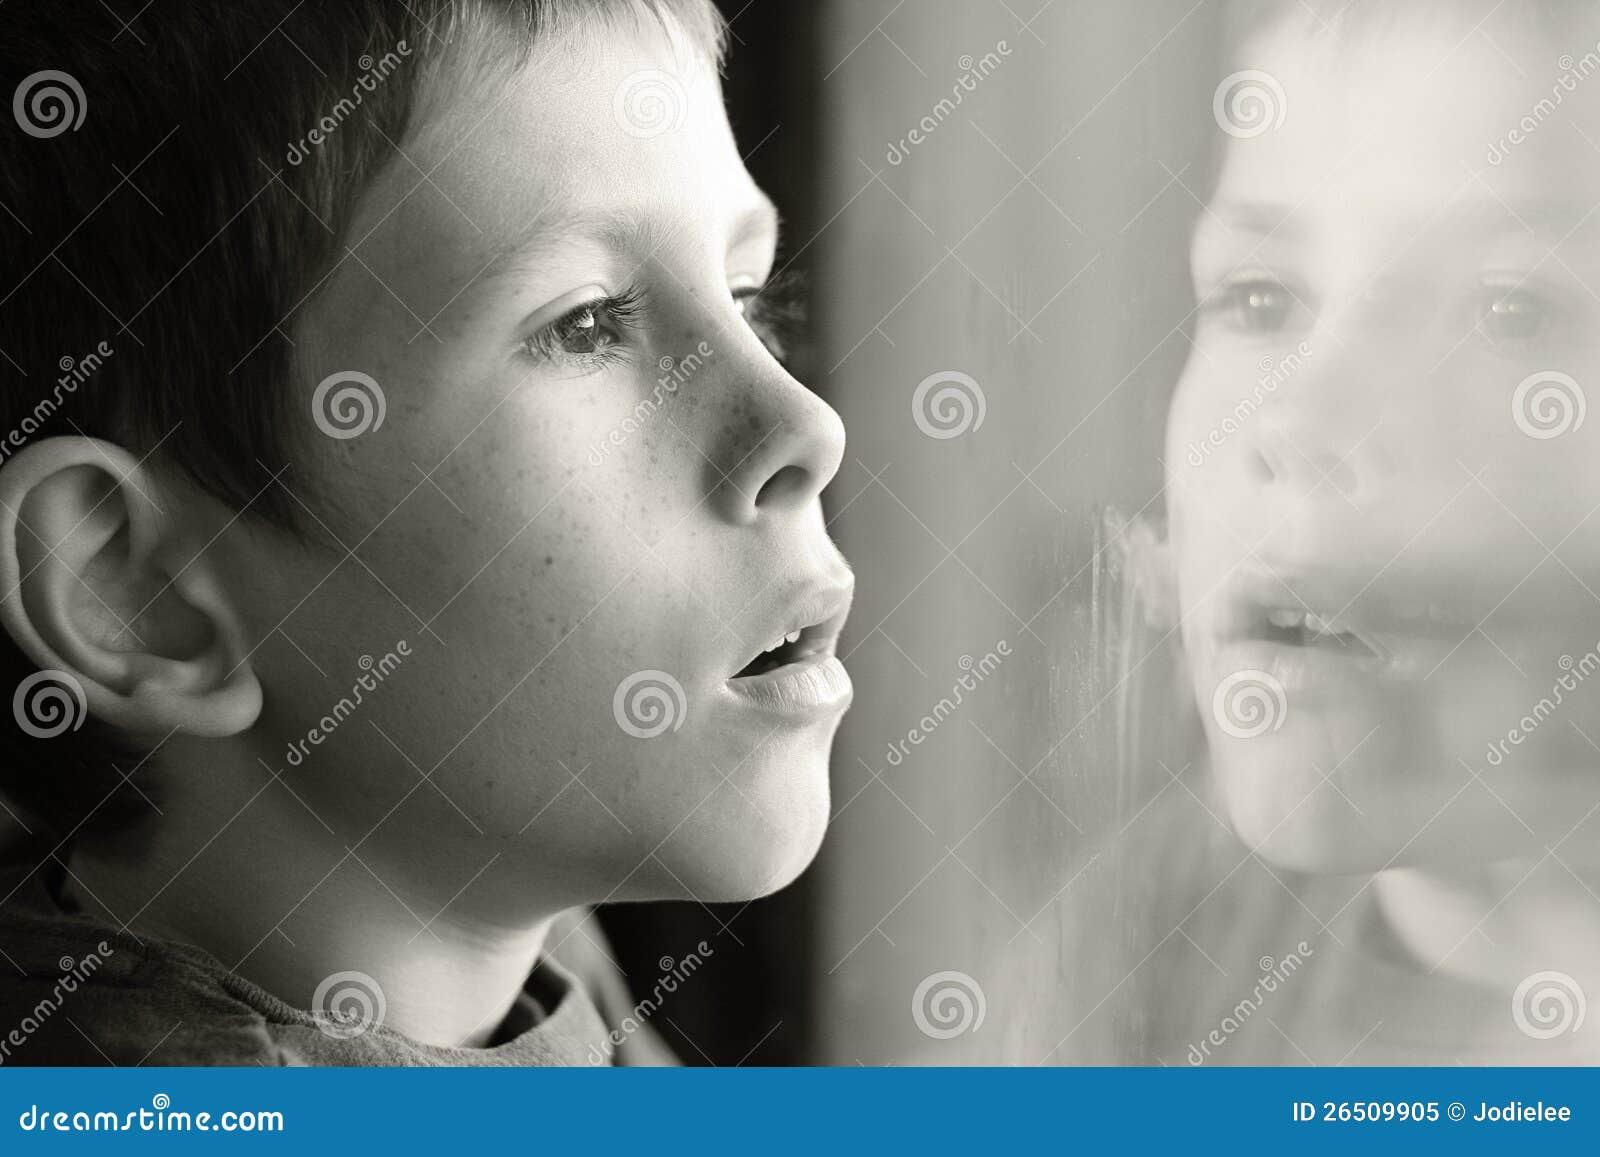 Jonge jongen in gedachte met vensterbezinning